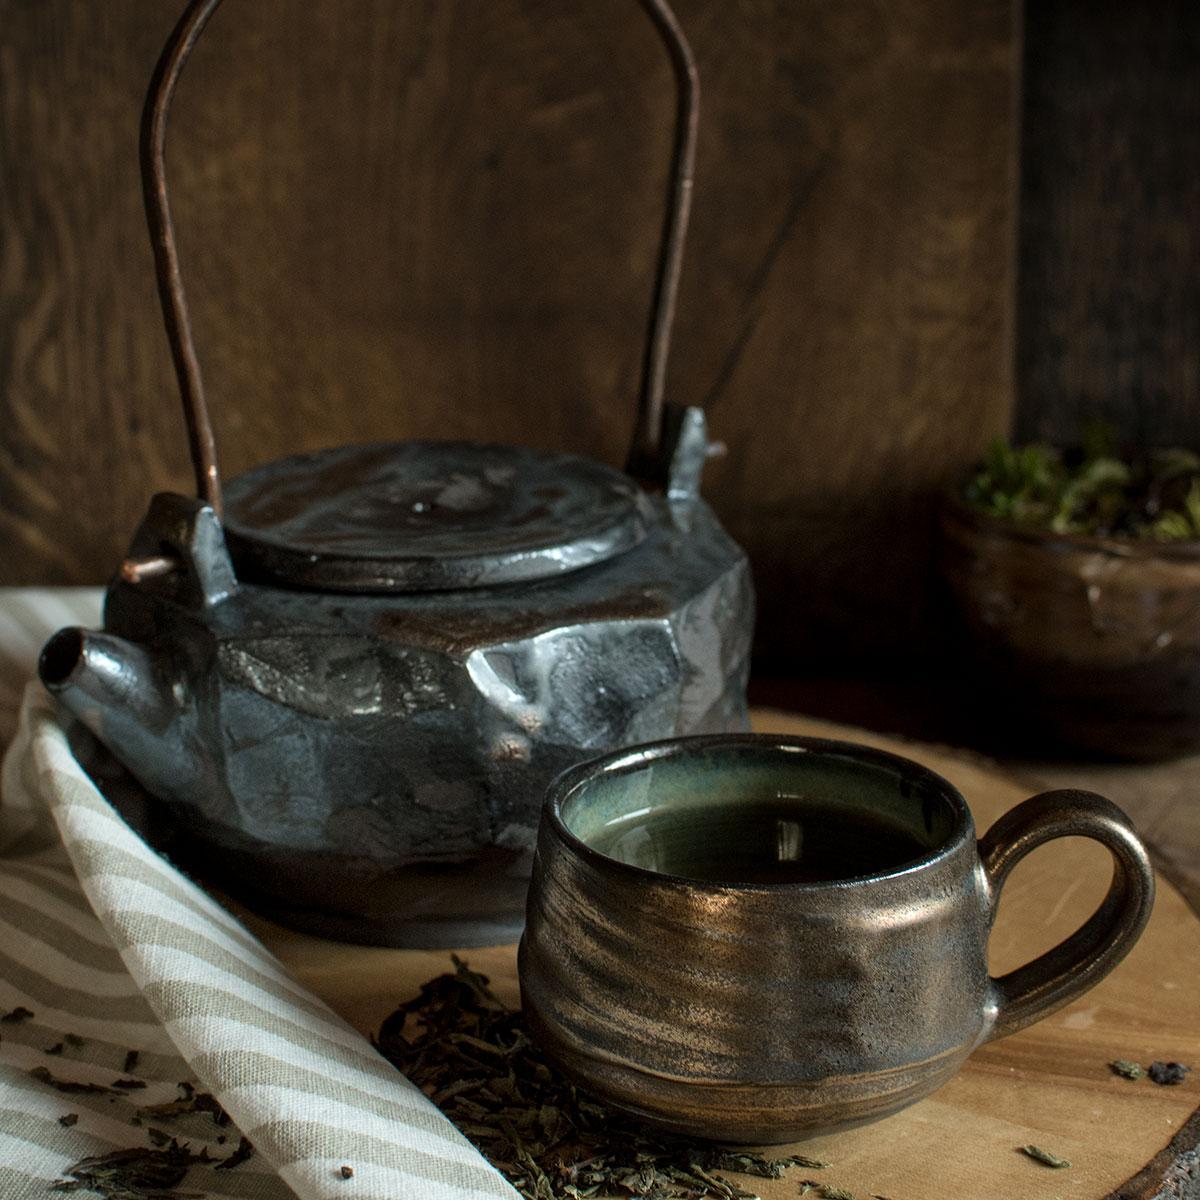 картинка Керамический чайник с металлической ручкой 4 - DishWishes.Ru